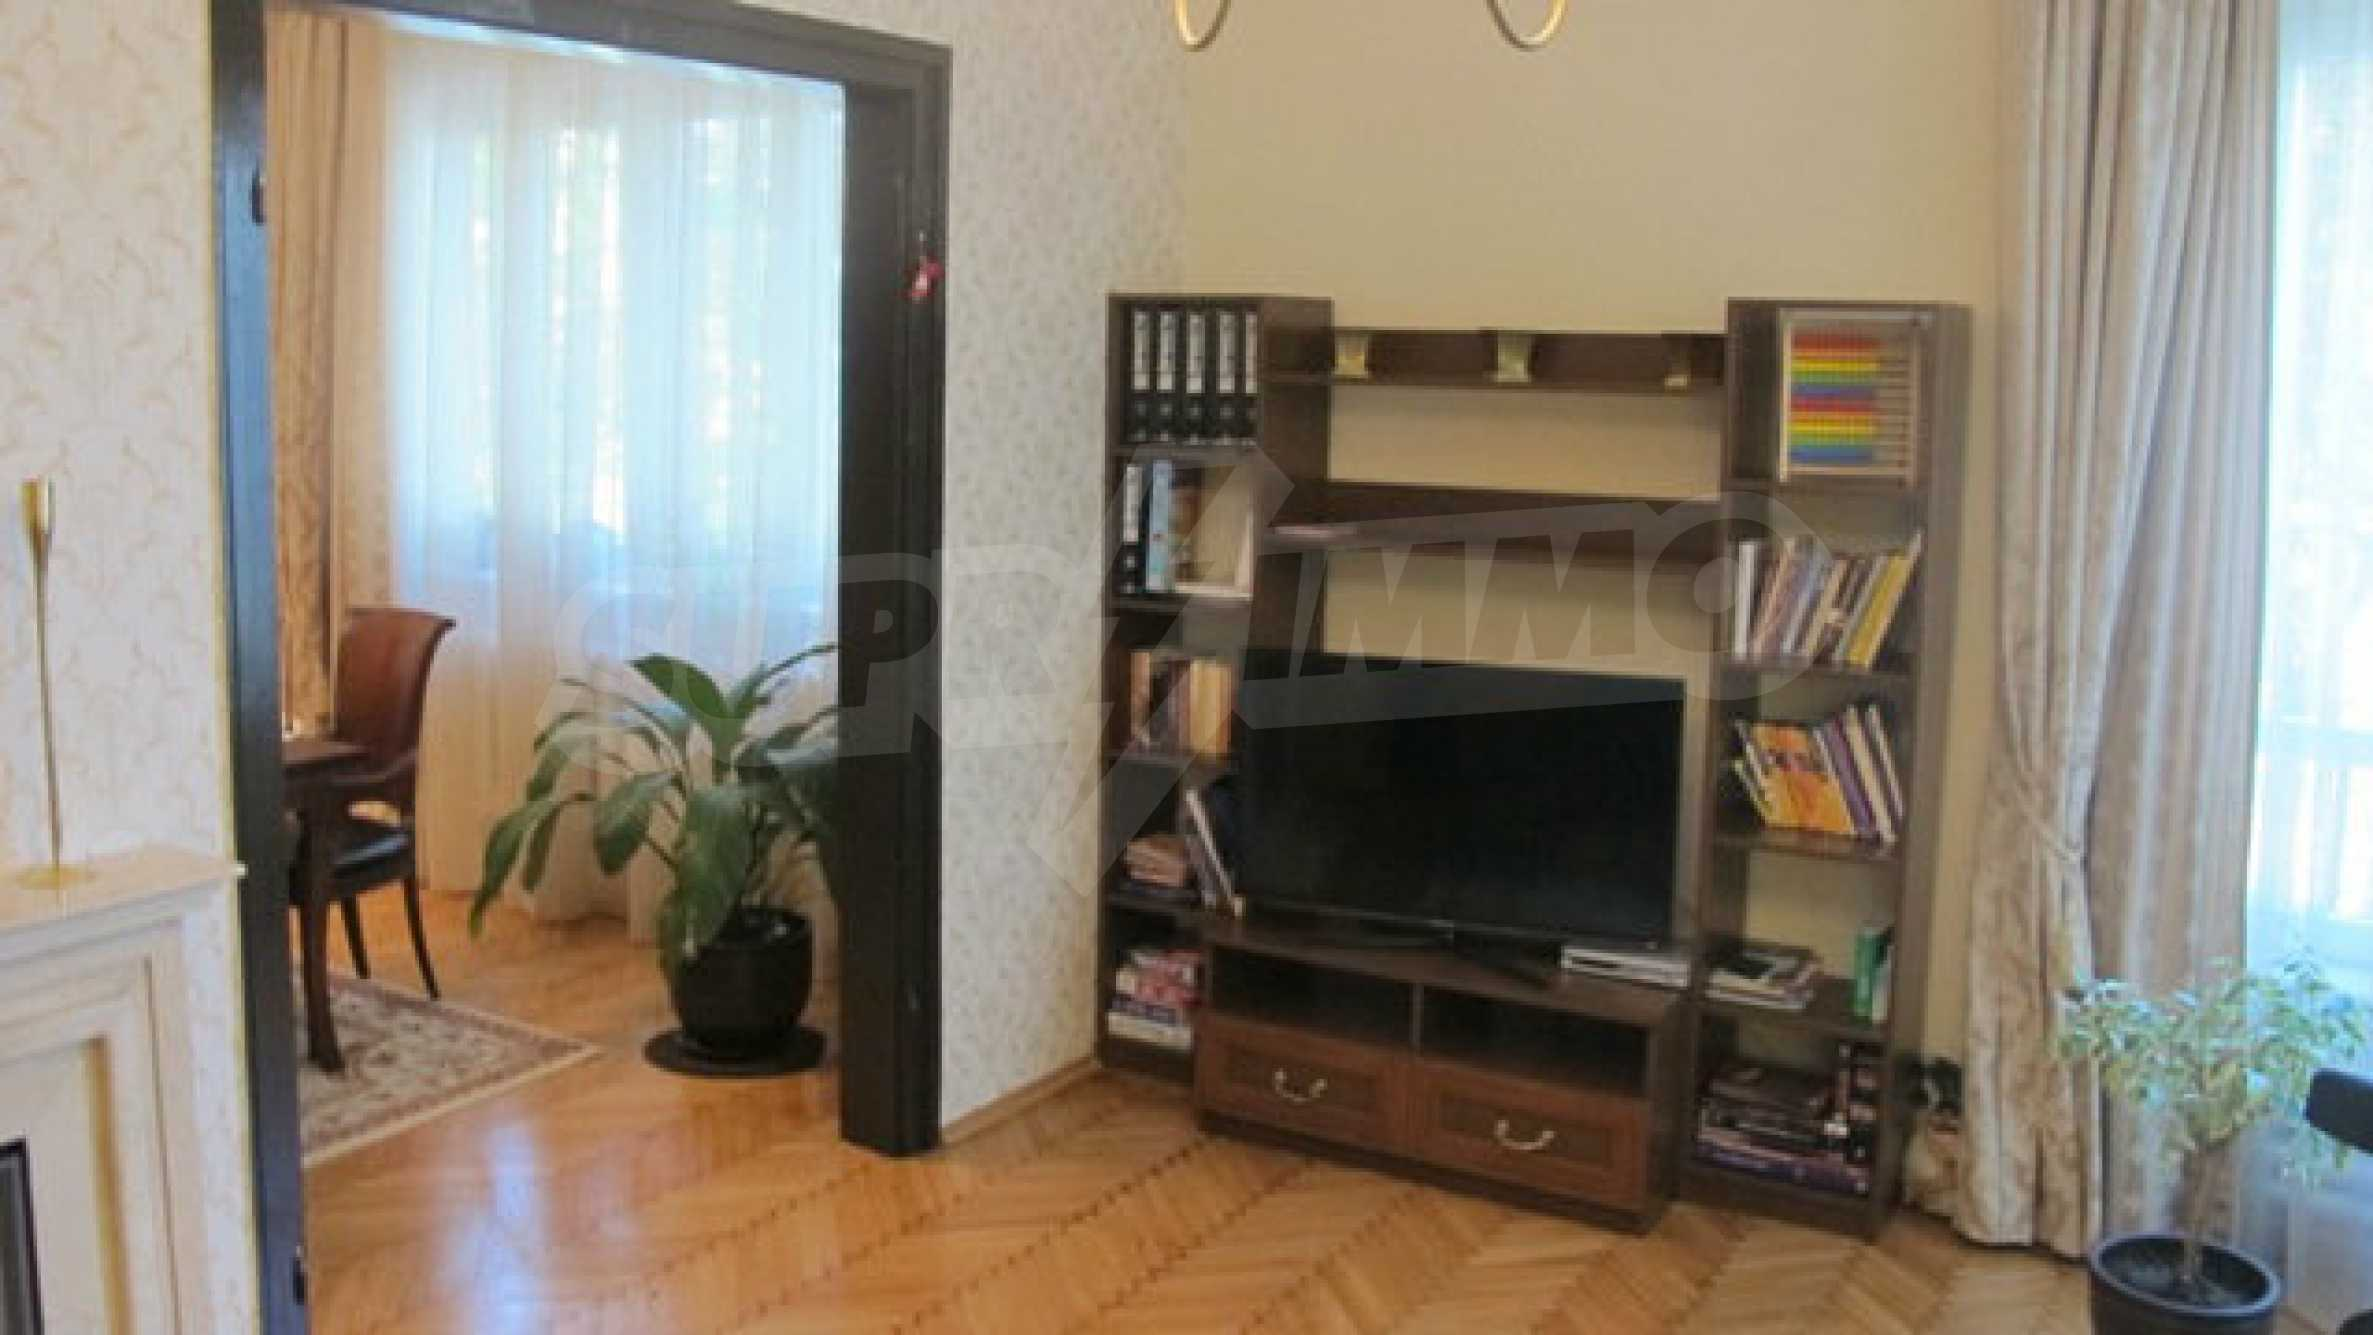 Zwei-Zimmer-Wohnung in einem idealen Zentrum 14